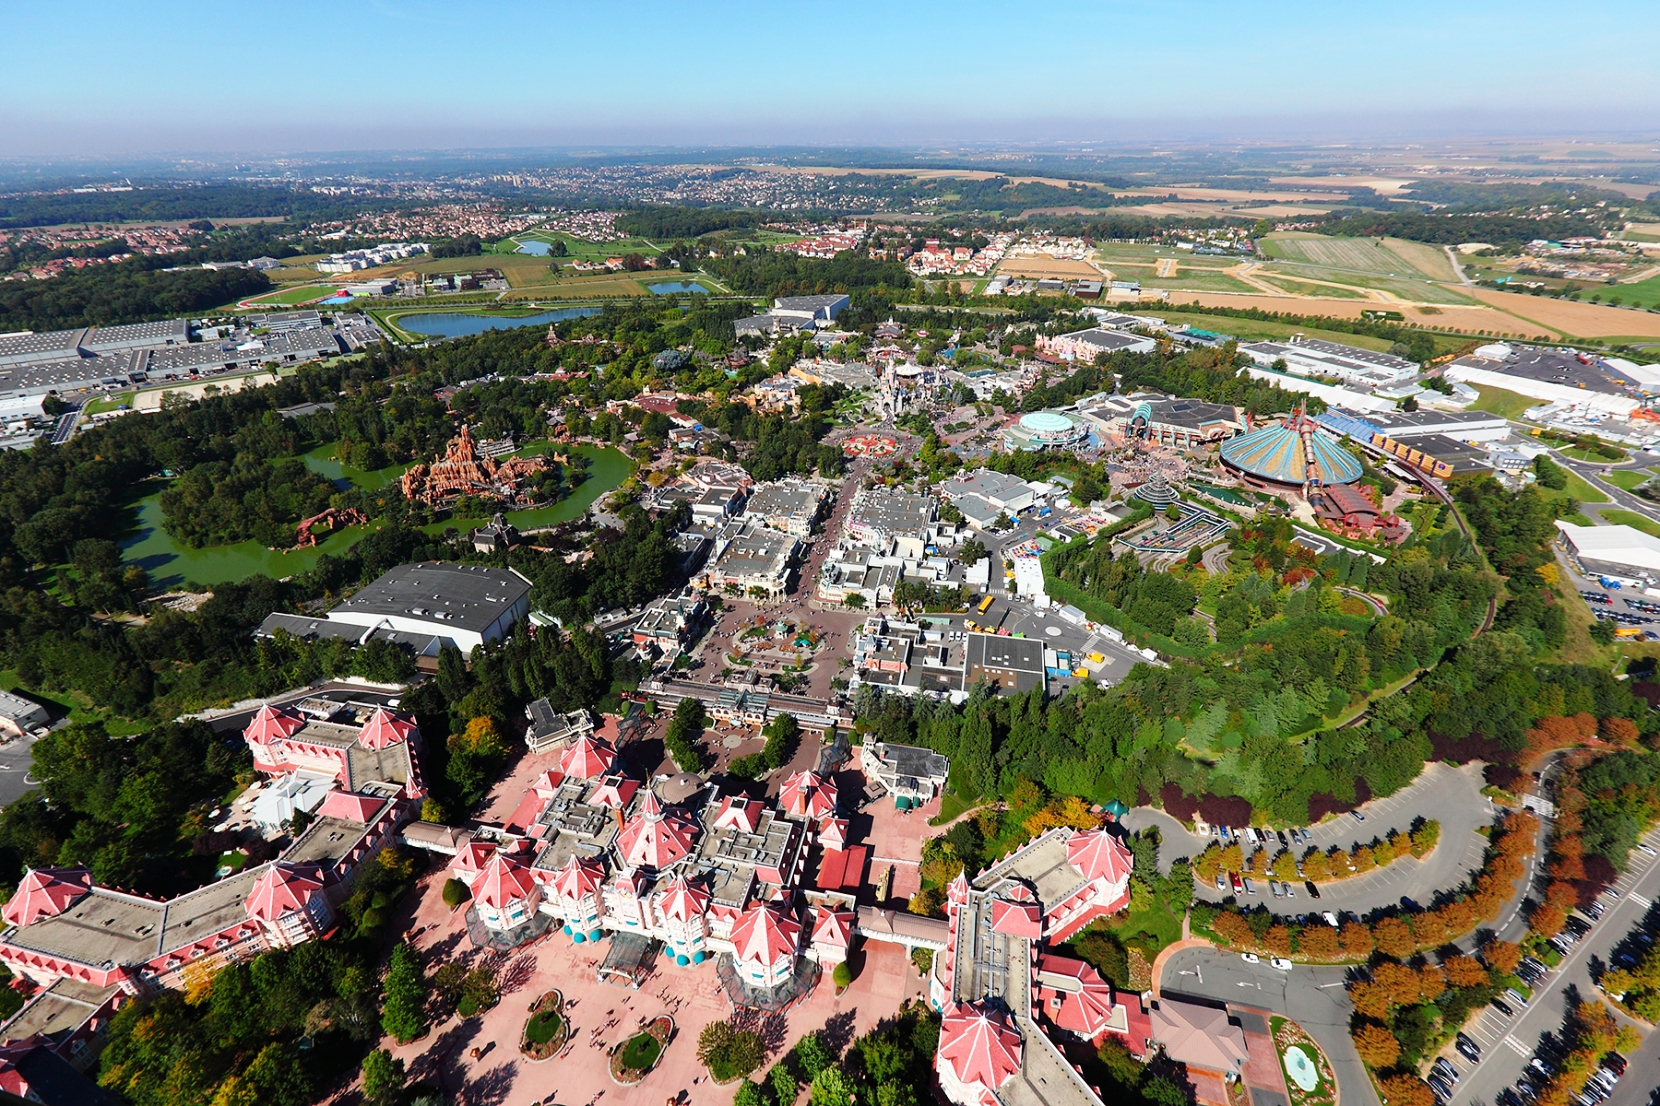 Luchtfoto van Disneyland Park - Foto: (c) Disney